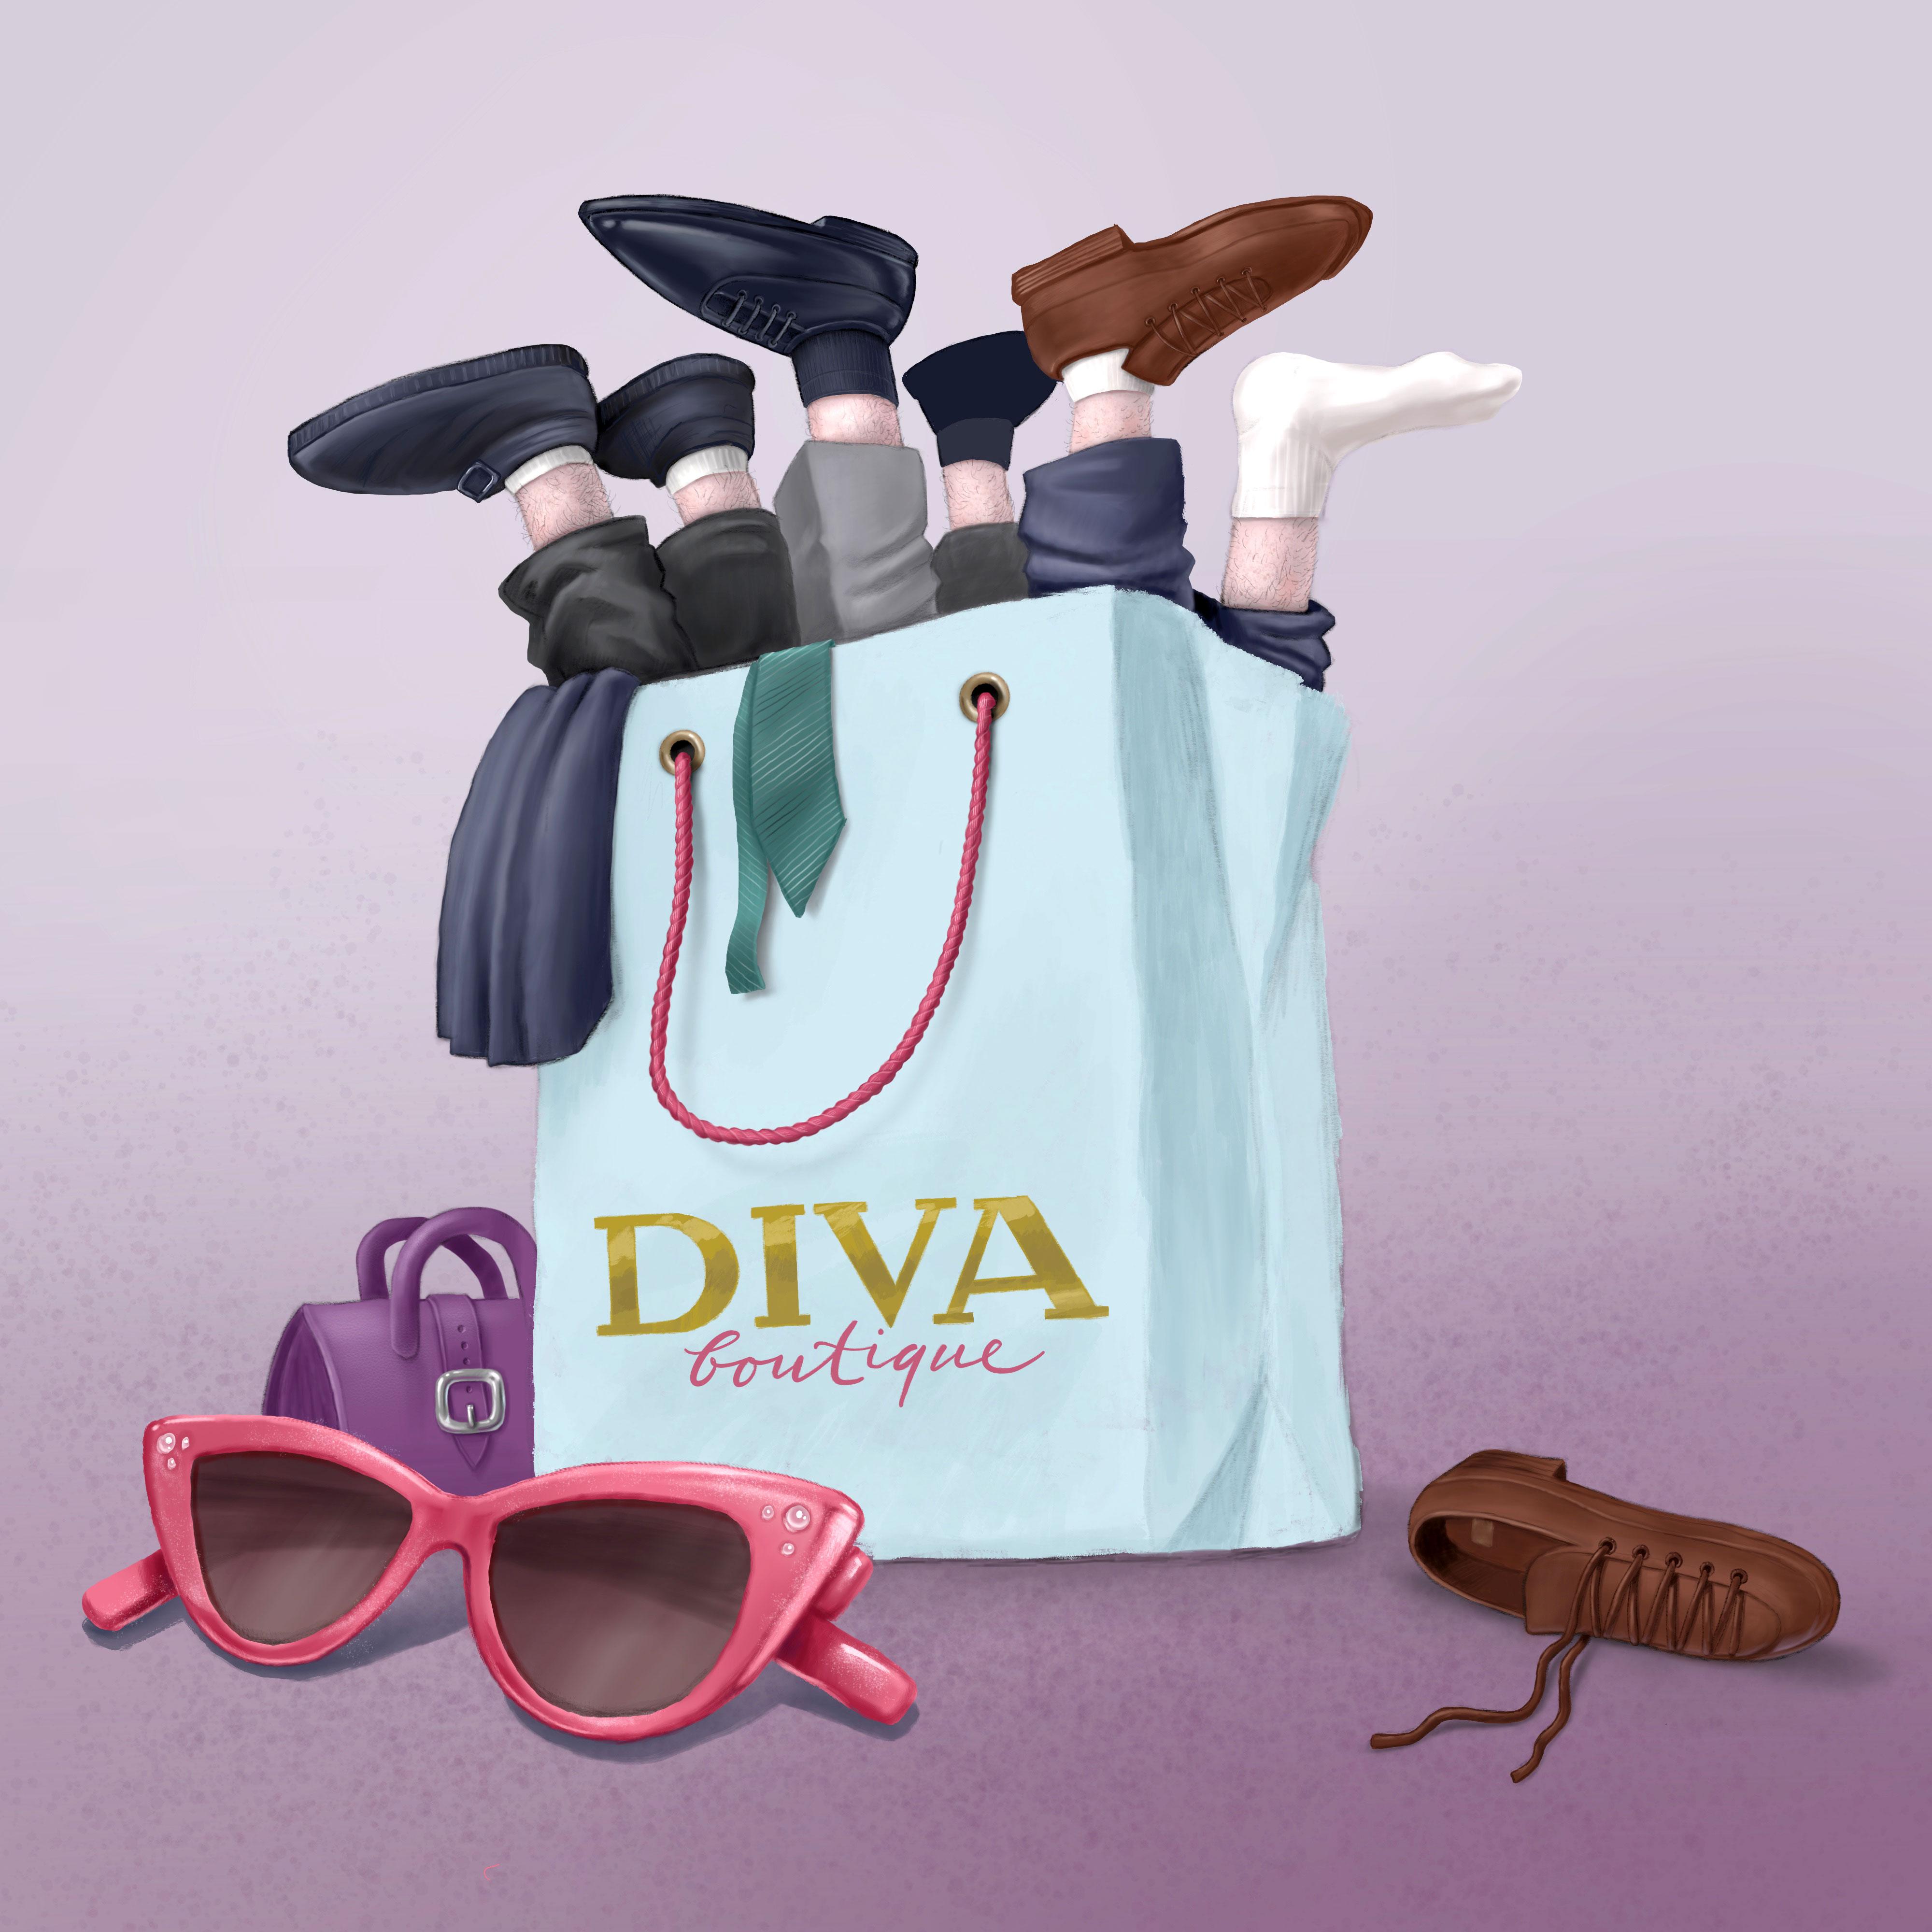 Illustration Diva Boutique Männerbeine in Einkaufstasche humorvoll erwachsenentypische Illustration digitaler Stil Procreate